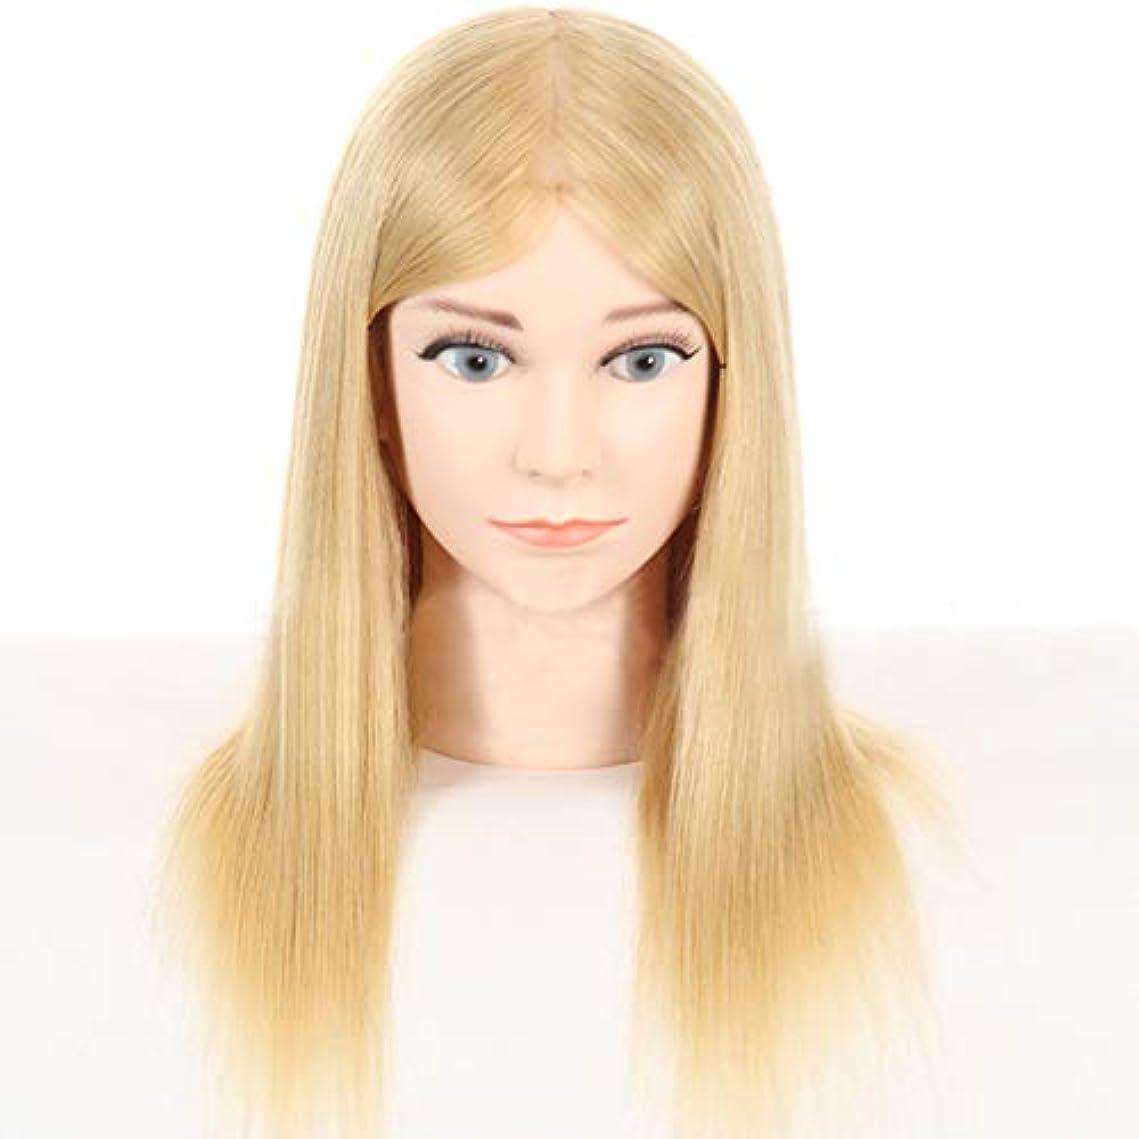 胴体解凍する、雪解け、霜解け降下本物の人間の髪のかつらの頭の金型の理髪の髪型のスタイリングマネキンの頭の理髪店の練習の練習ダミーヘッド